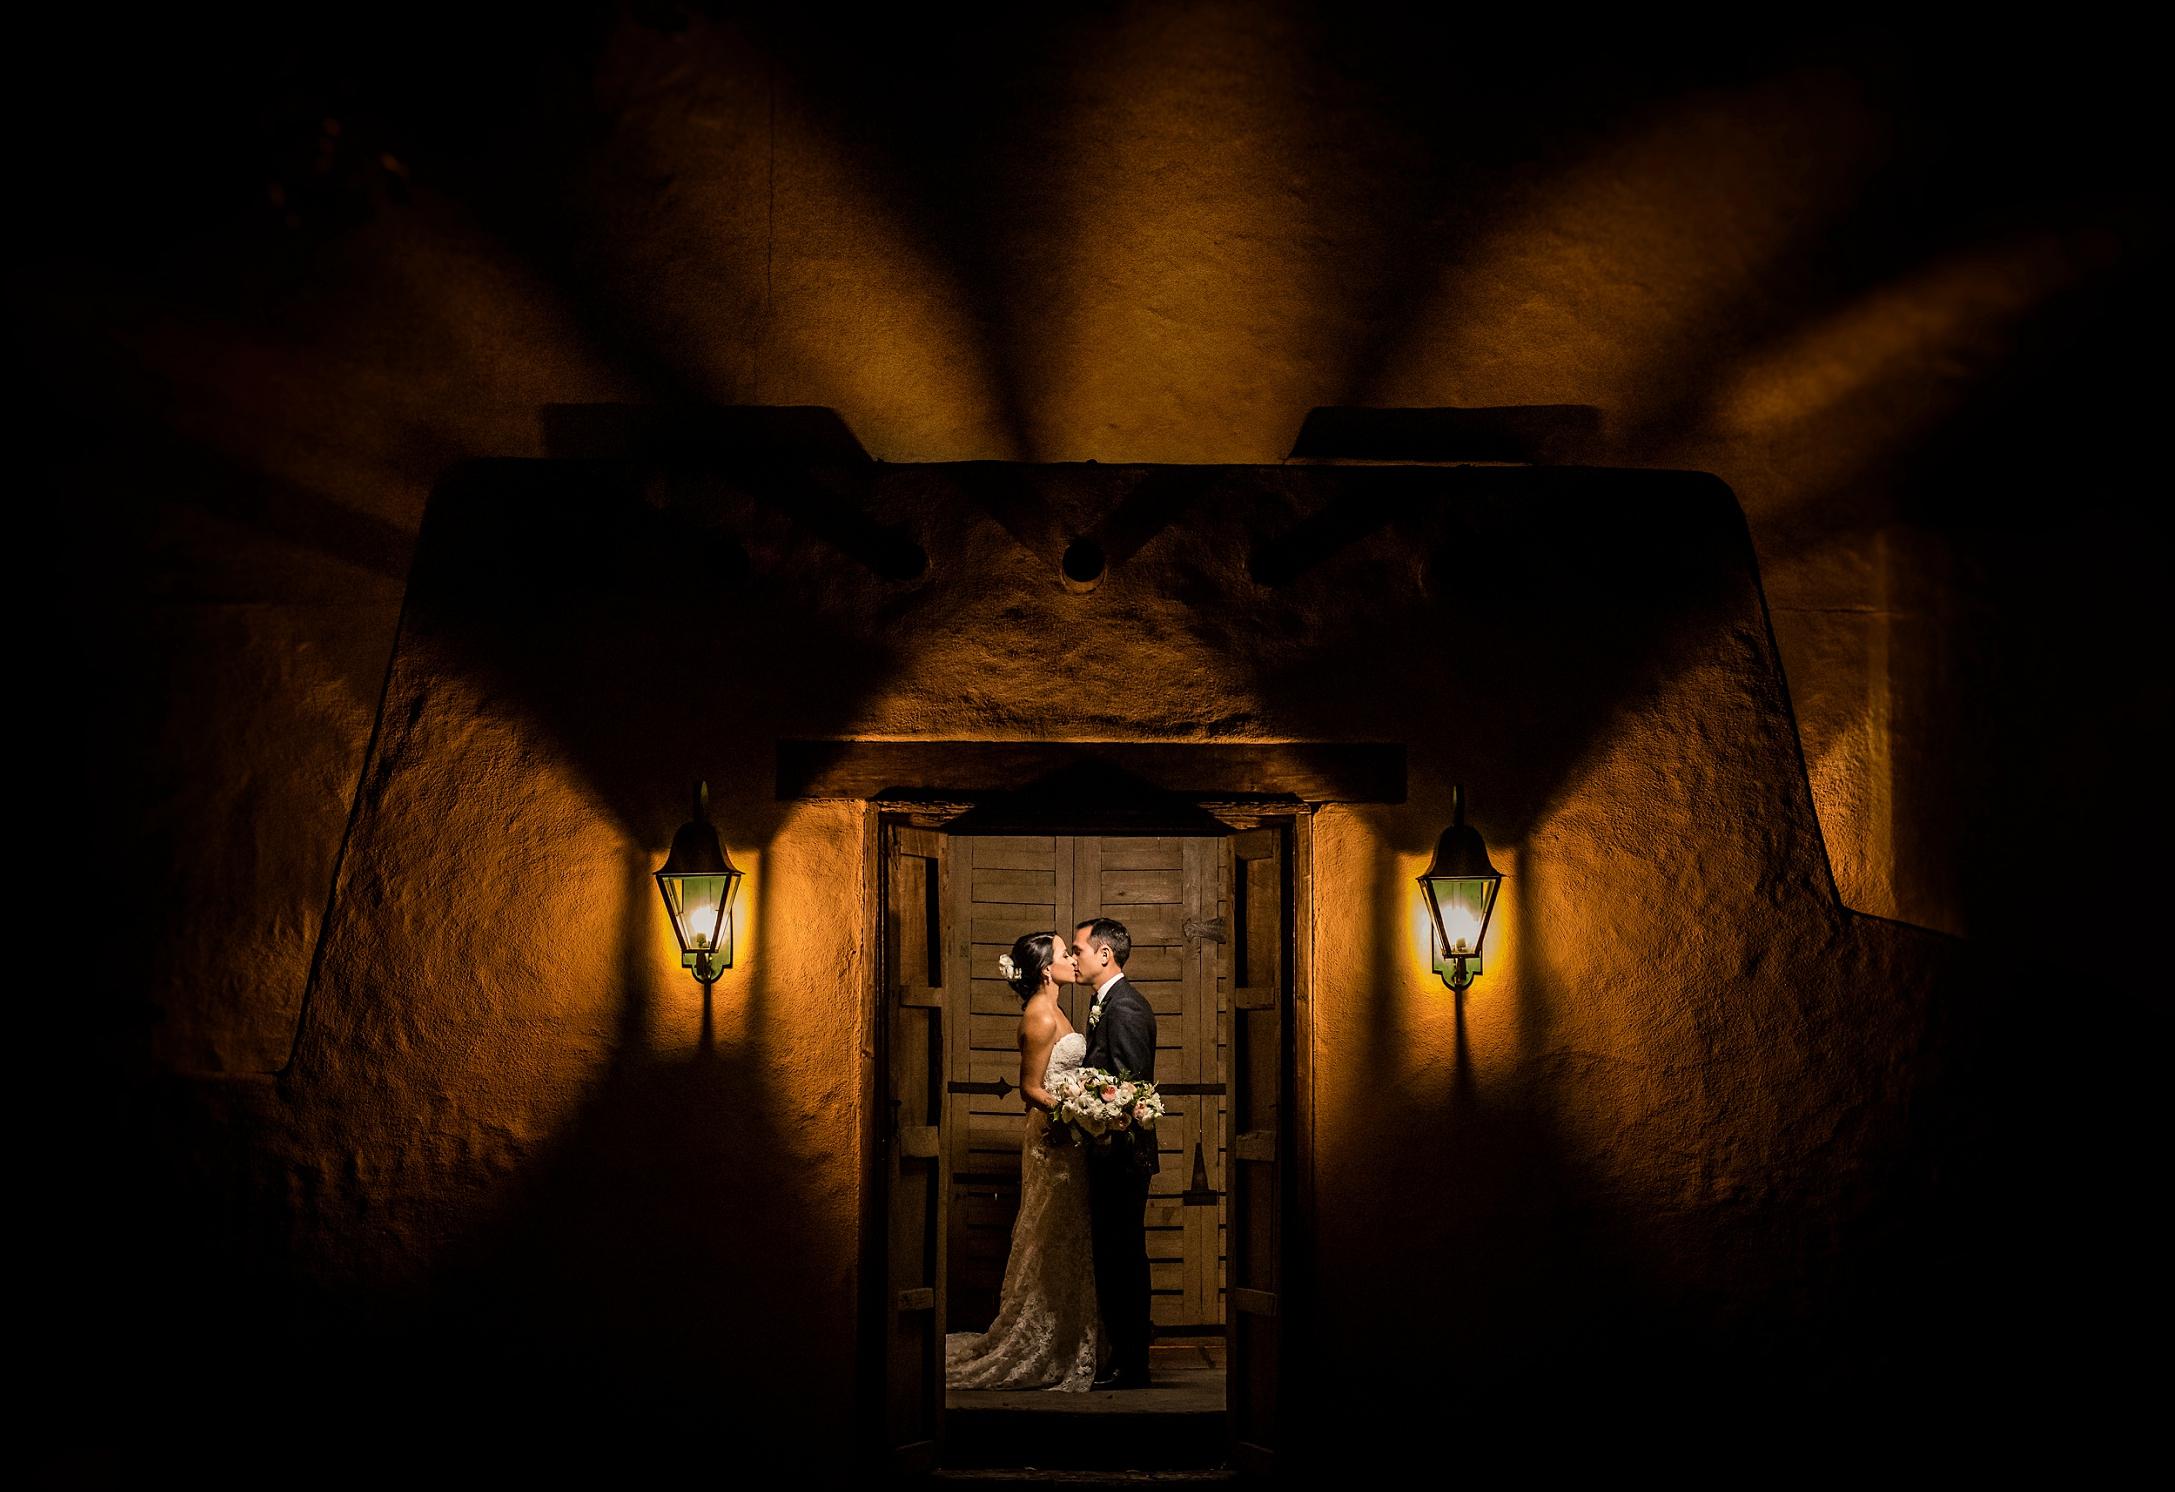 Real Wedding Becca Amp David At The Hacienda Santa Ana